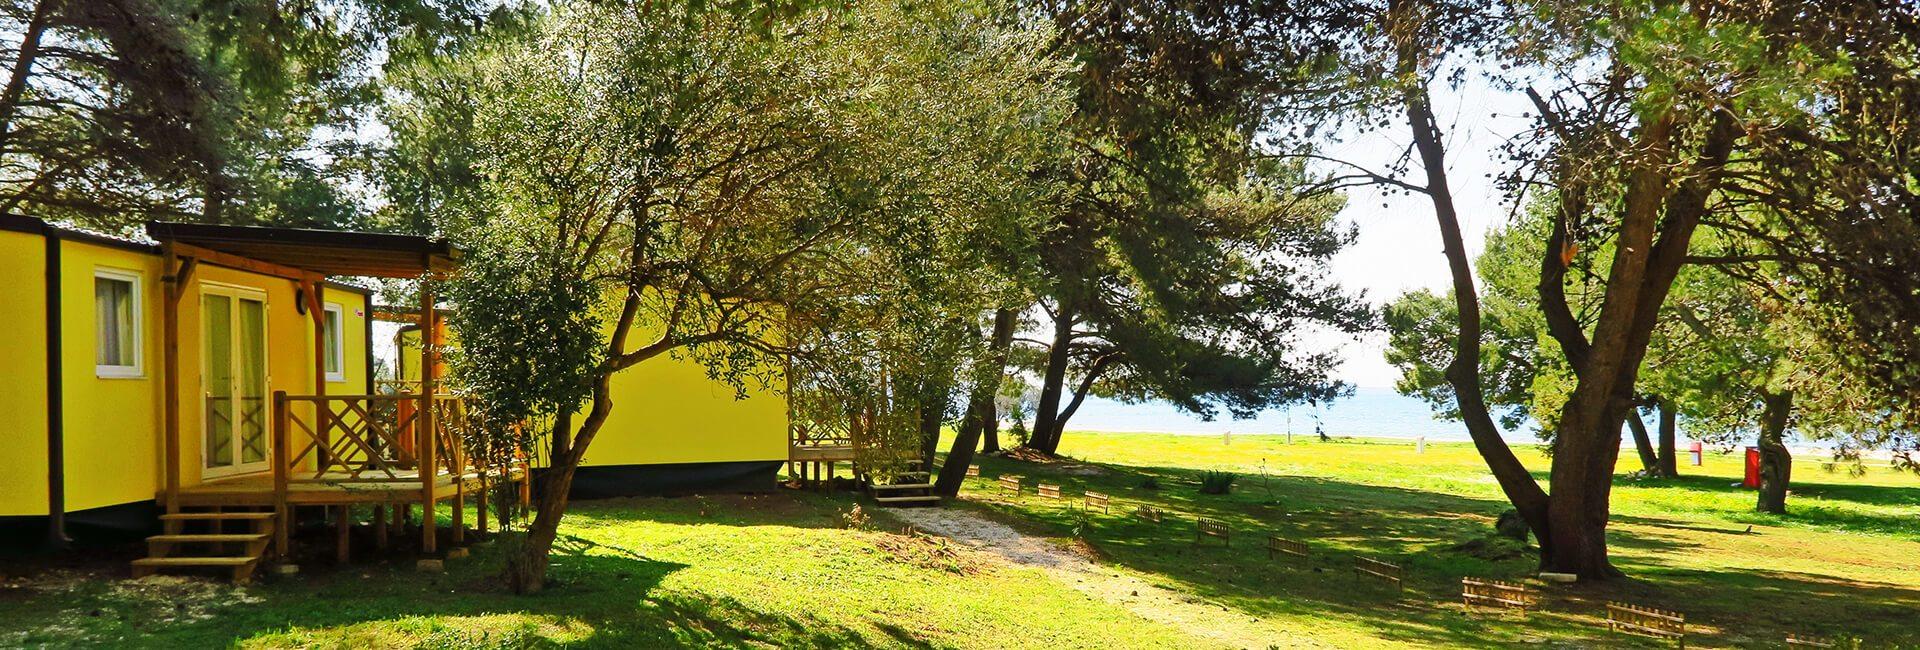 Camping Pineta Fažana - Case mobili vicino al mare